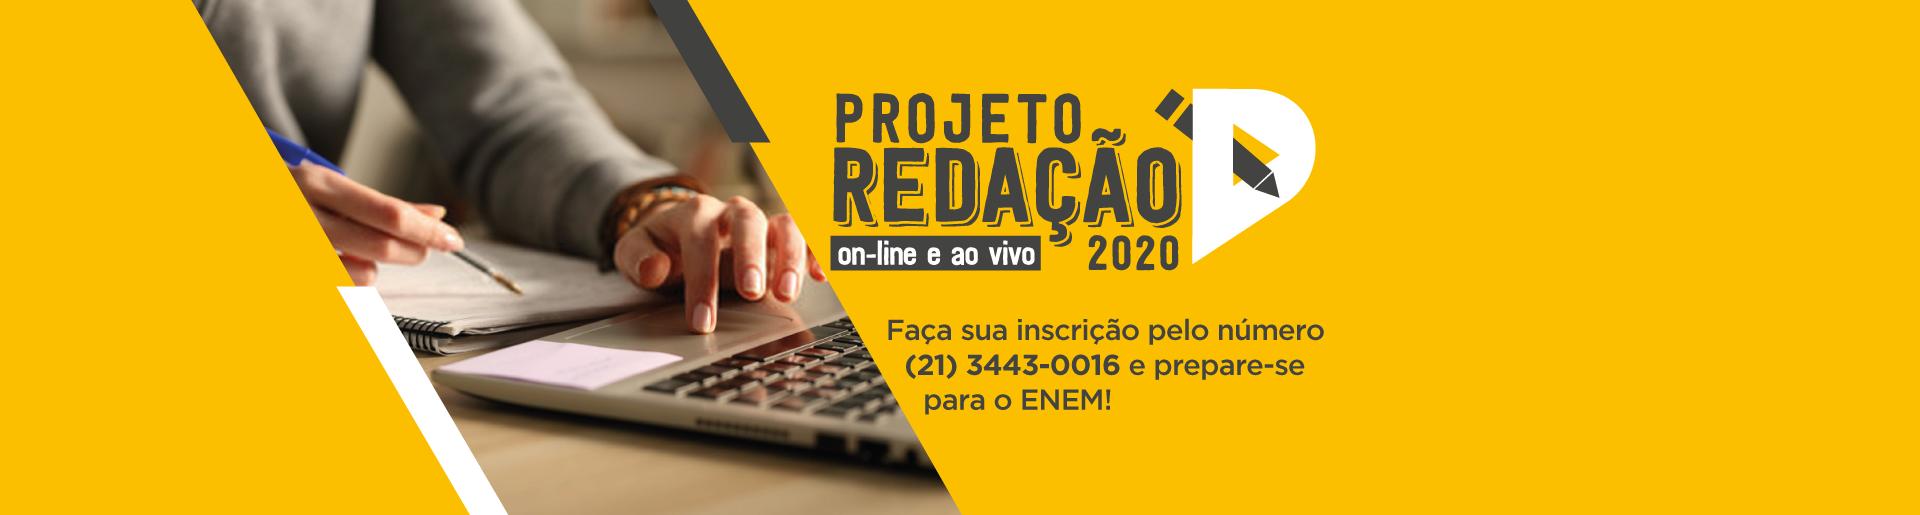 Projeto redação online